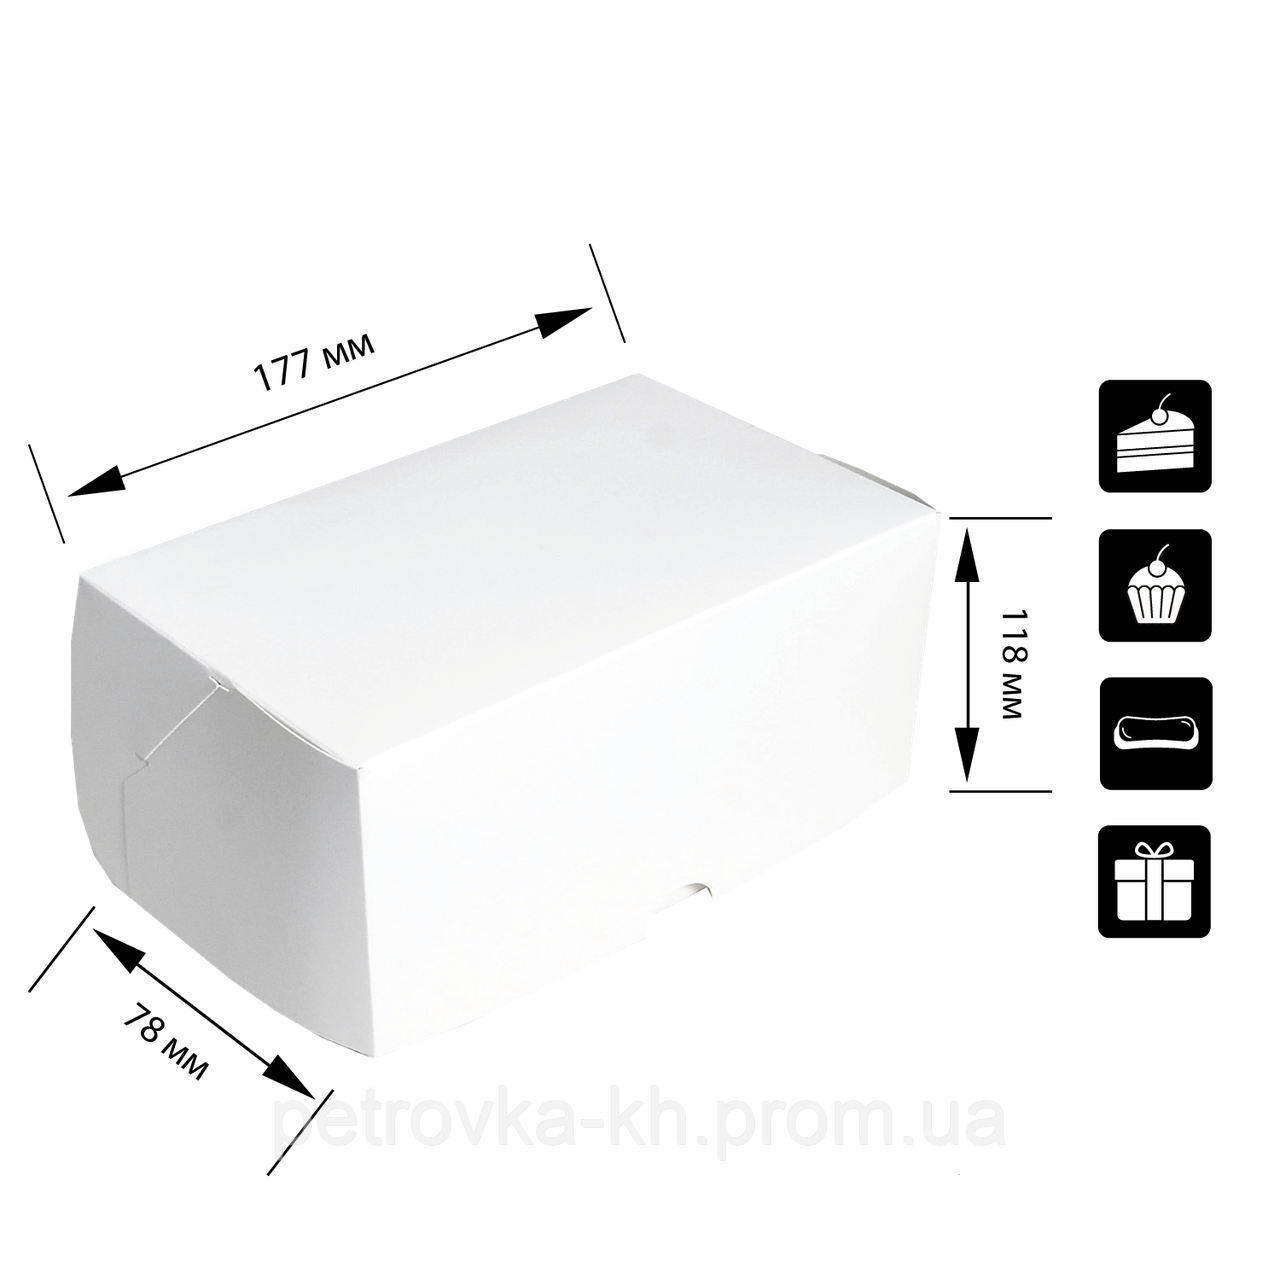 """Коробка для торта 3 эклера """"КТ 0200"""" Белая,  177*118*78мм, (уп/25шт)"""